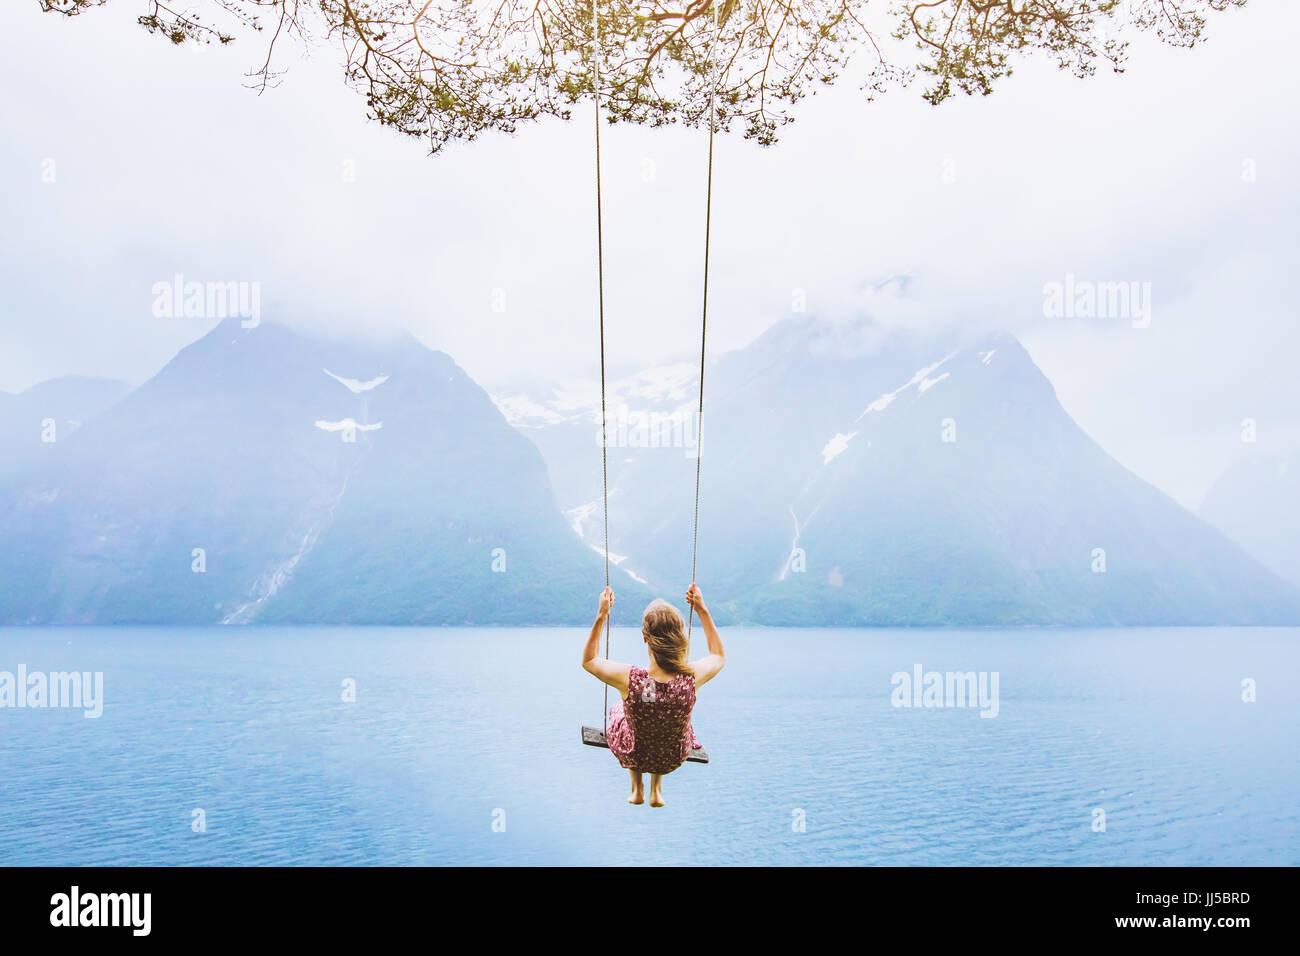 Concepto de ensueño, bella joven en el columpio en el fiordo de Noruega, inspirador paisaje Imagen De Stock